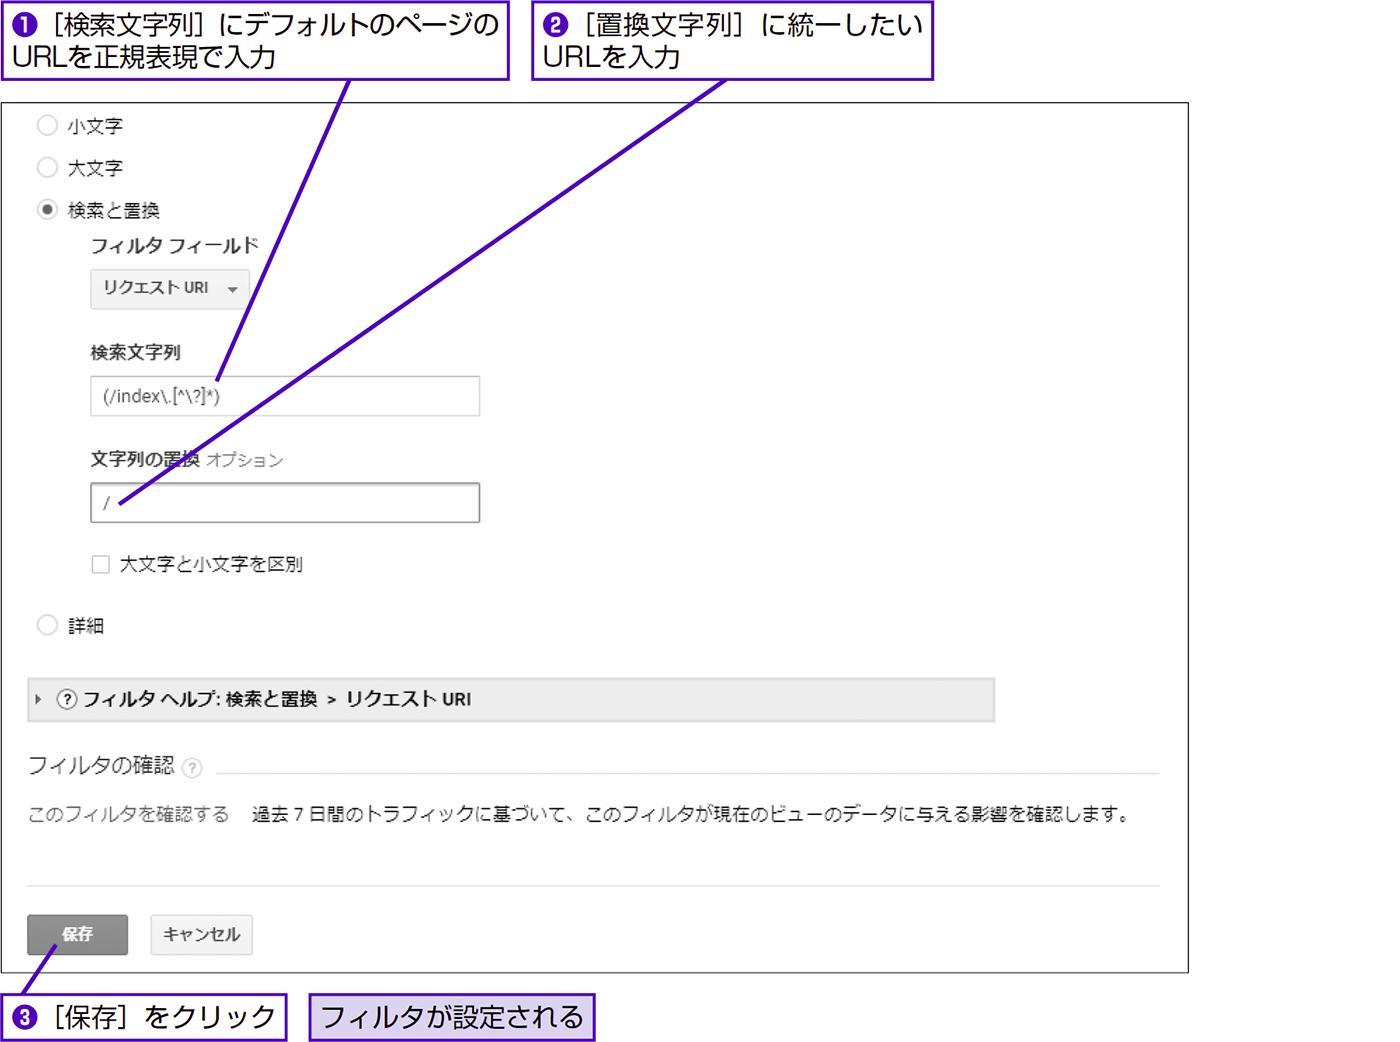 サイトとカテゴリでデフォルトのページが異なる場合に対処する - できる逆引き Googleアナリティクス 増補改訂2版